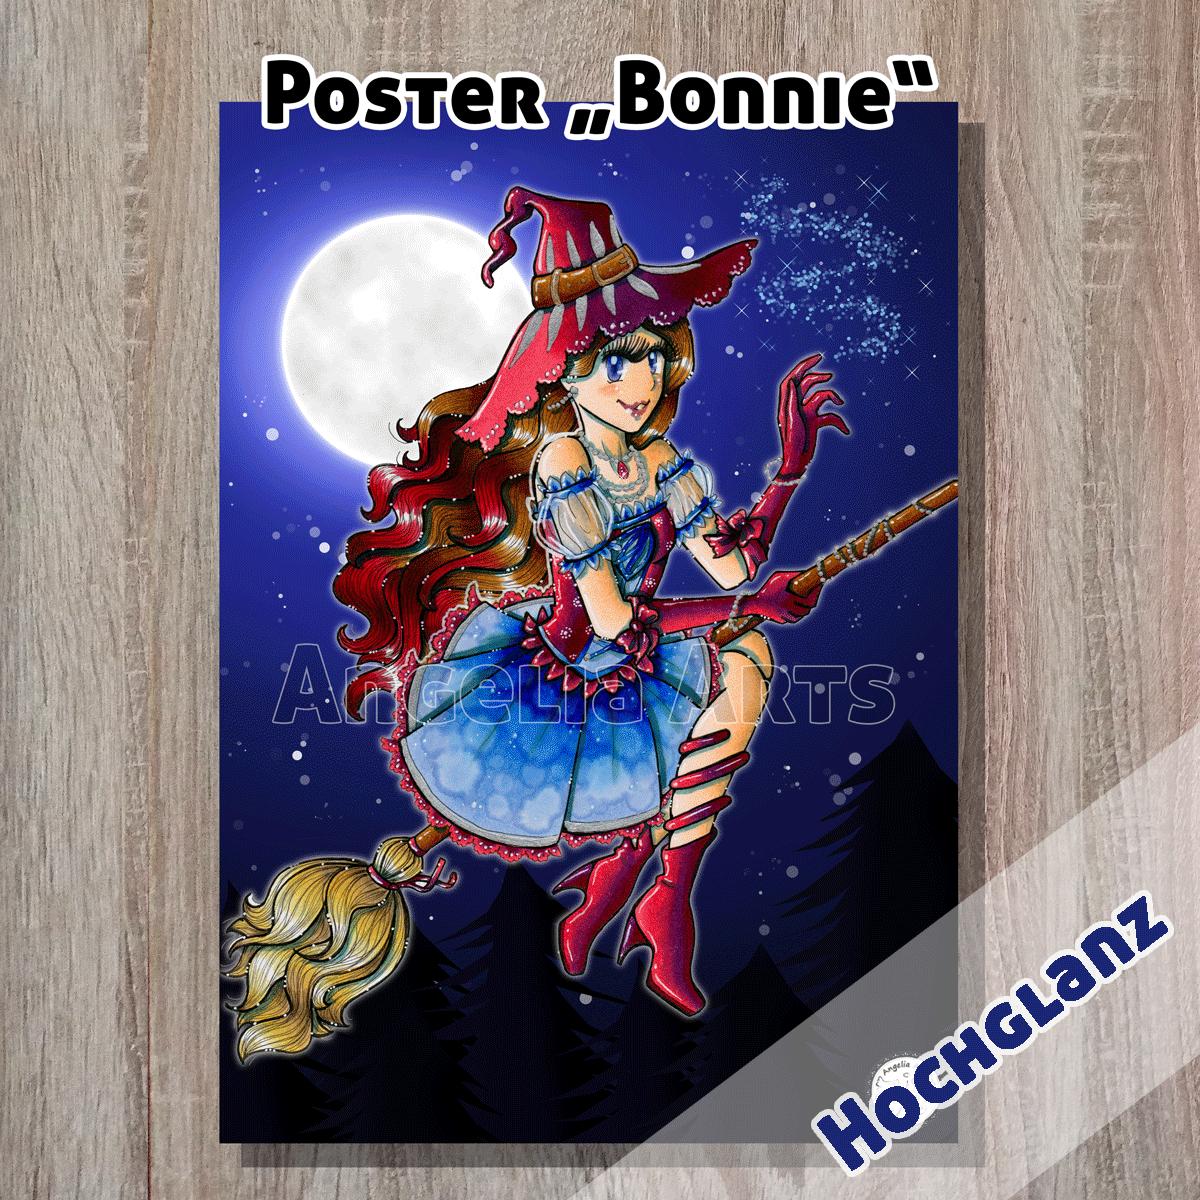 Poster_Bonnie